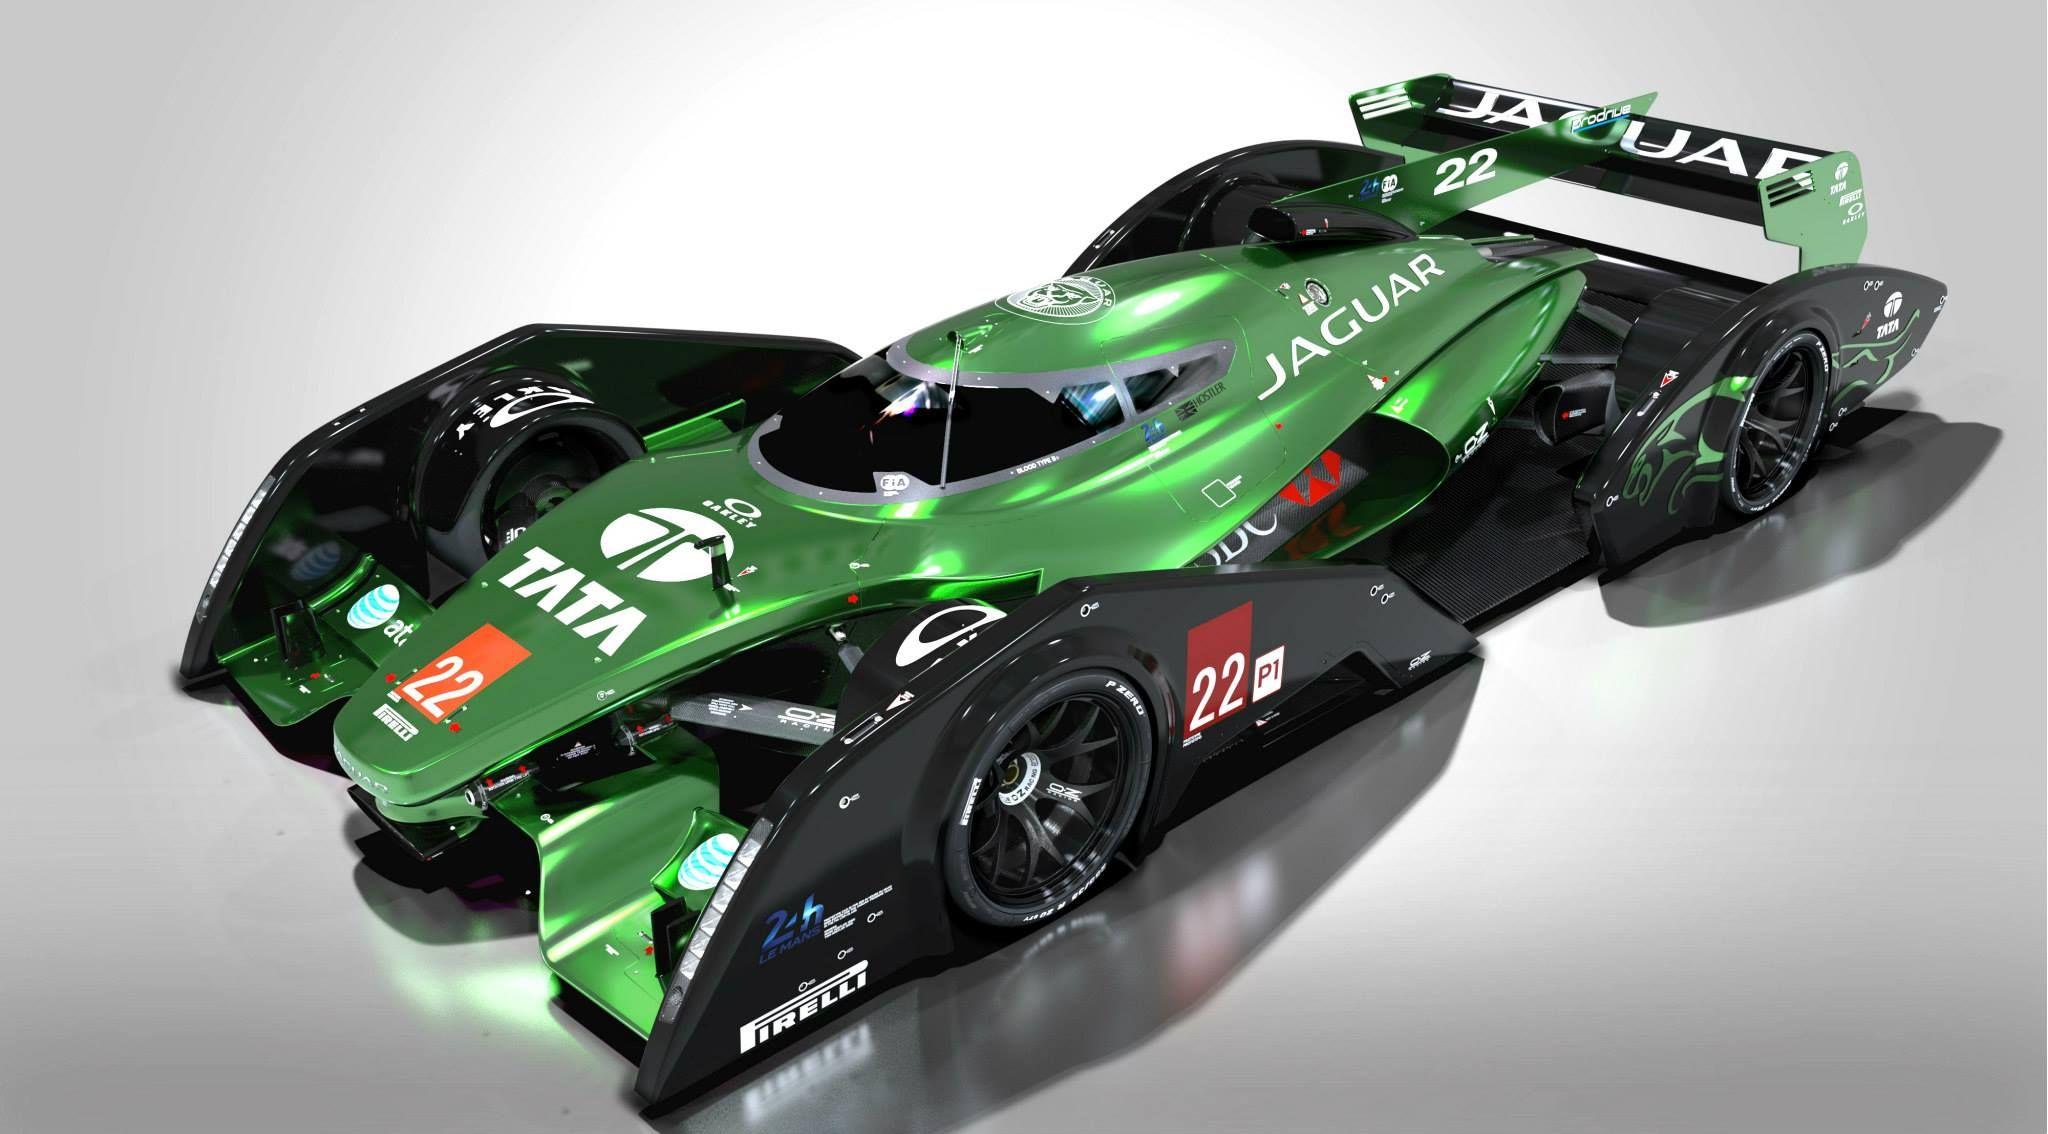 Jaguar LMP1 Concept 2015 (2048×1134) | Concept Race Cars | Pinterest | Concept cars 2015, Cars ...